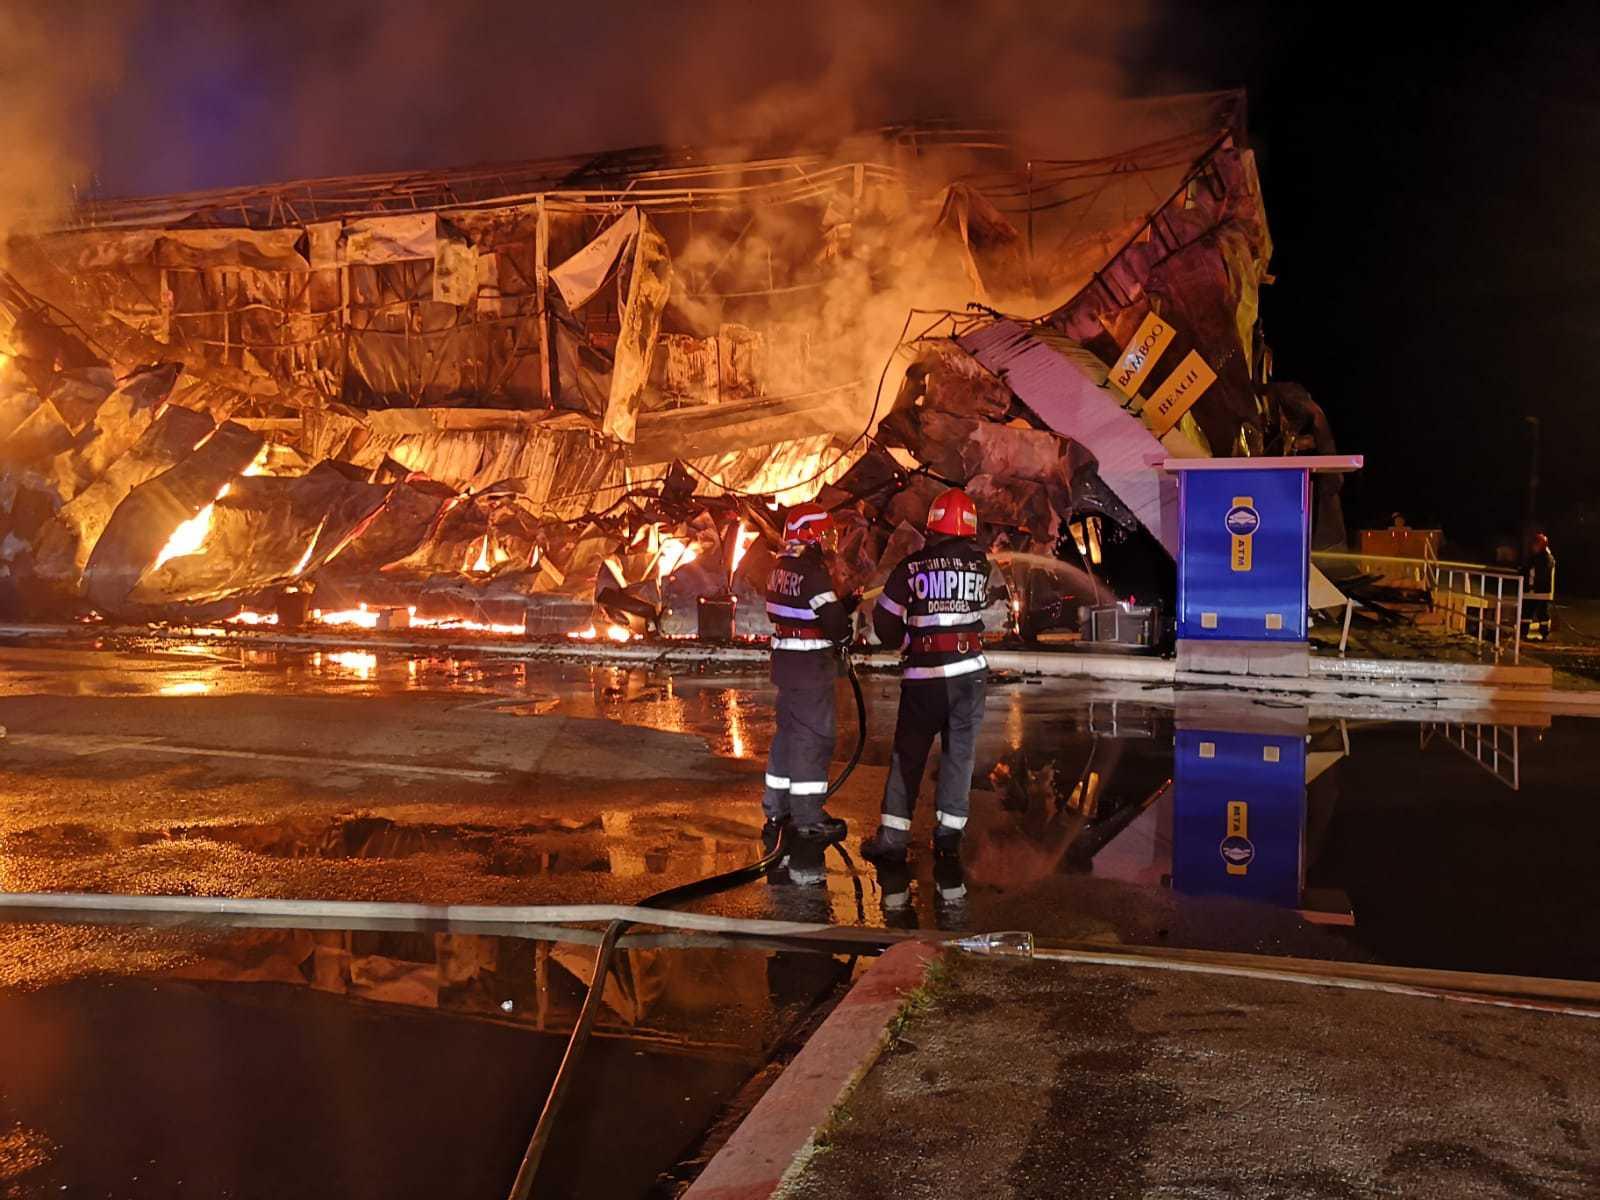 Incendiu violent la unul dintre cele mai cunoscute cluburi din Mamaia. Focul a fost lichidat după aproape patru ore | FOTO, VIDEO